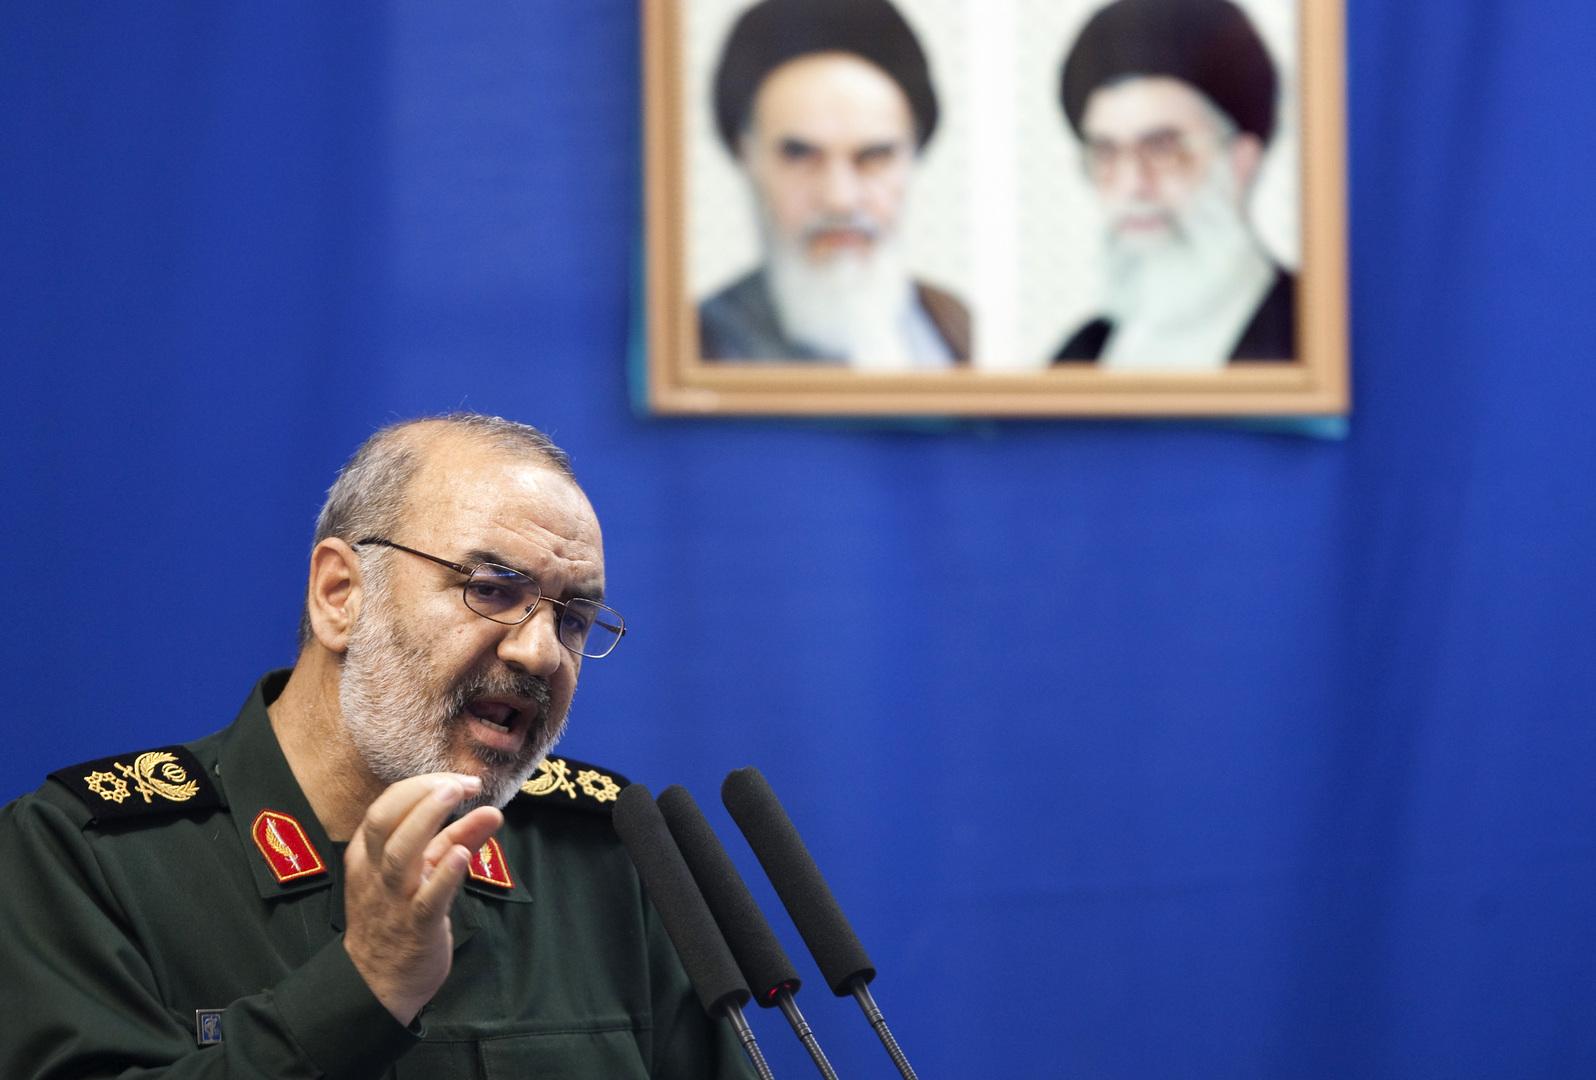 قائد الحرس الثوري الإيراني: لدينا خطط لاحتلال قواعد أمريكية بالمنطقة